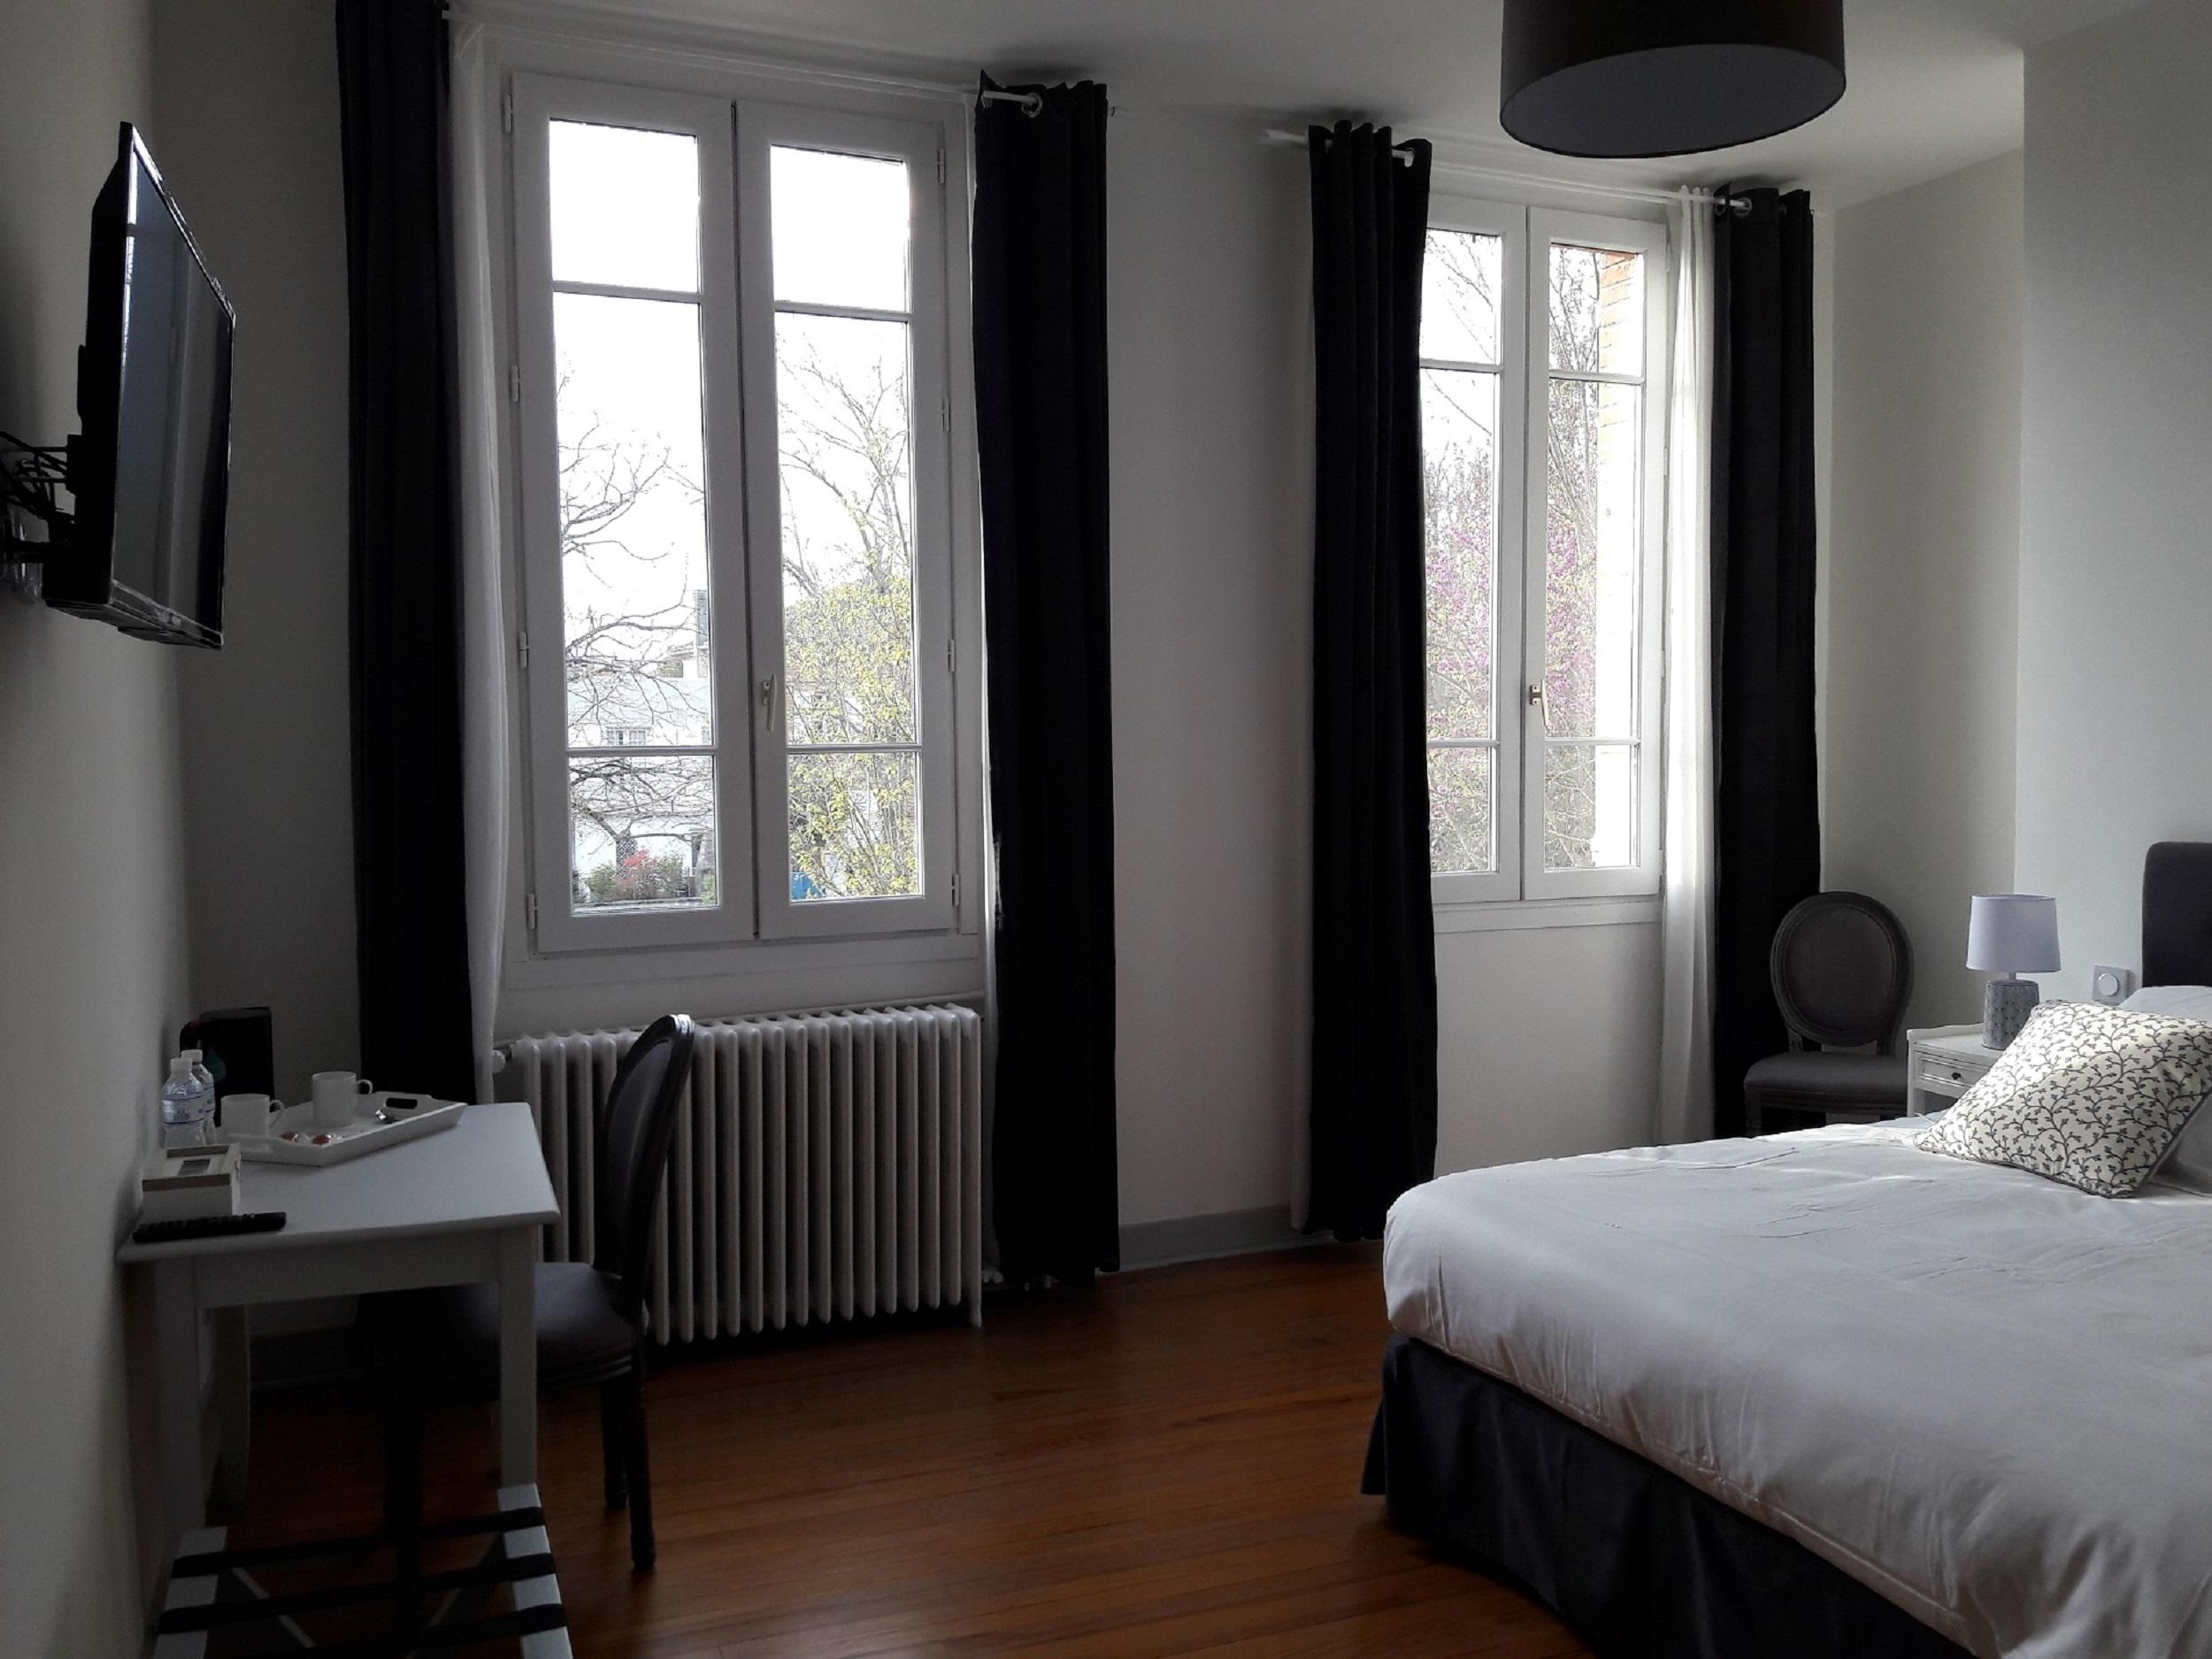 Les grandes fenêtres de la chambre d'hotes et leurs grands rideaux gris en velours donnent sur le village, le charme de l'ancien avec le beau parquet d'origine